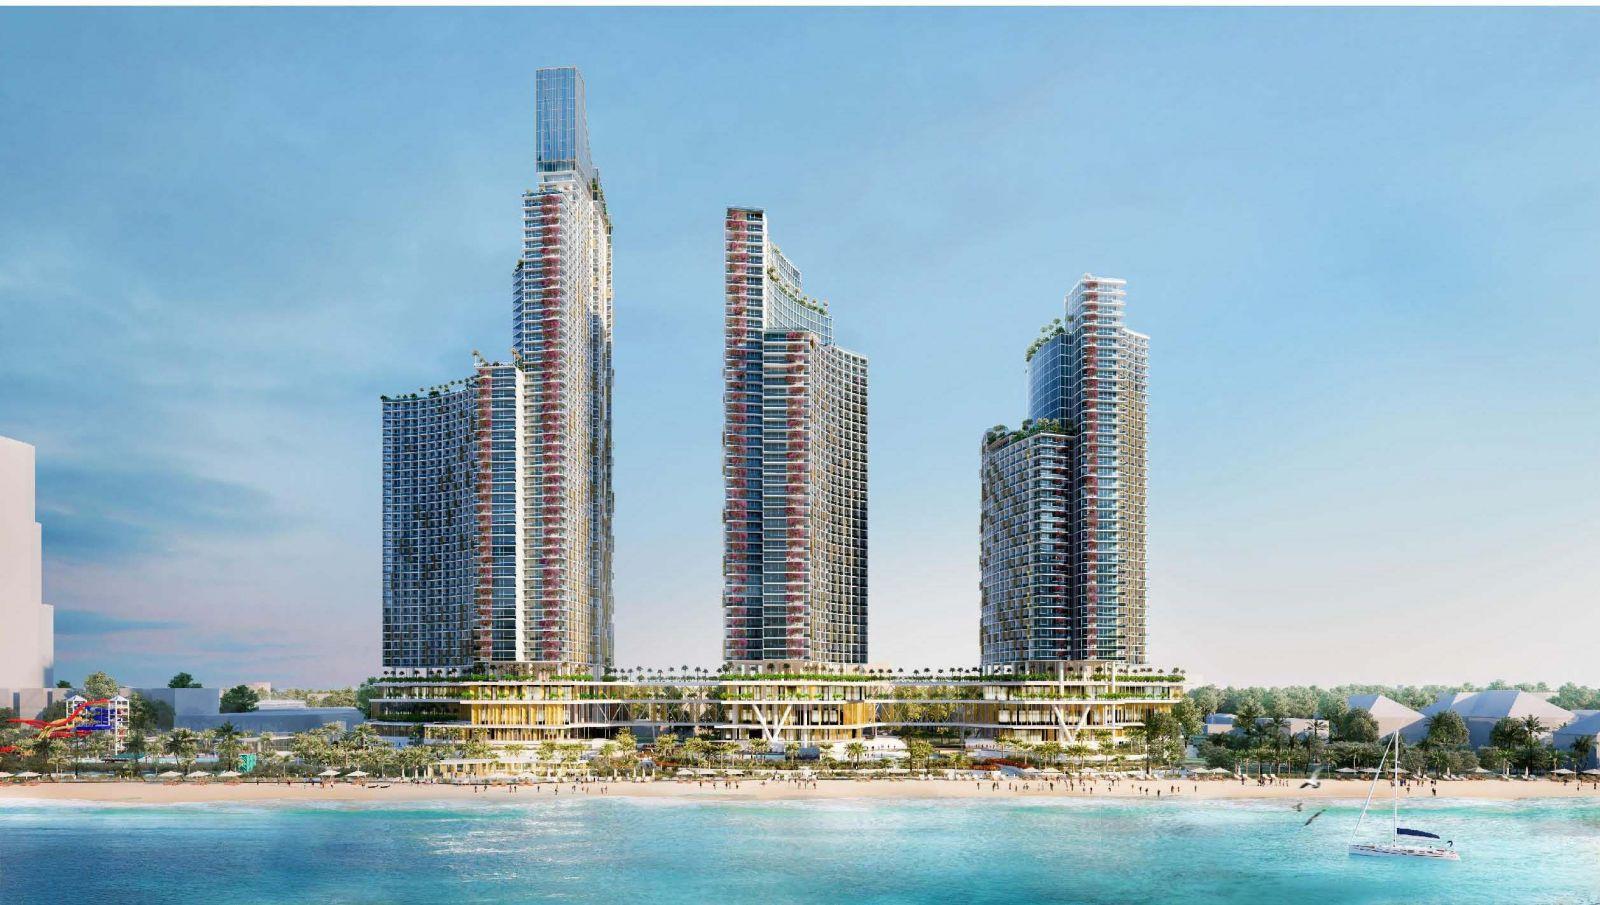 Khai thác Tổ hợp nghỉ dưỡng hàng đầu châu Á SunBay Park Hotel & Resort Phan Rang khi hoàn thiện sẽ là bước tiến quan trọng của Crystal Bay Hospitality